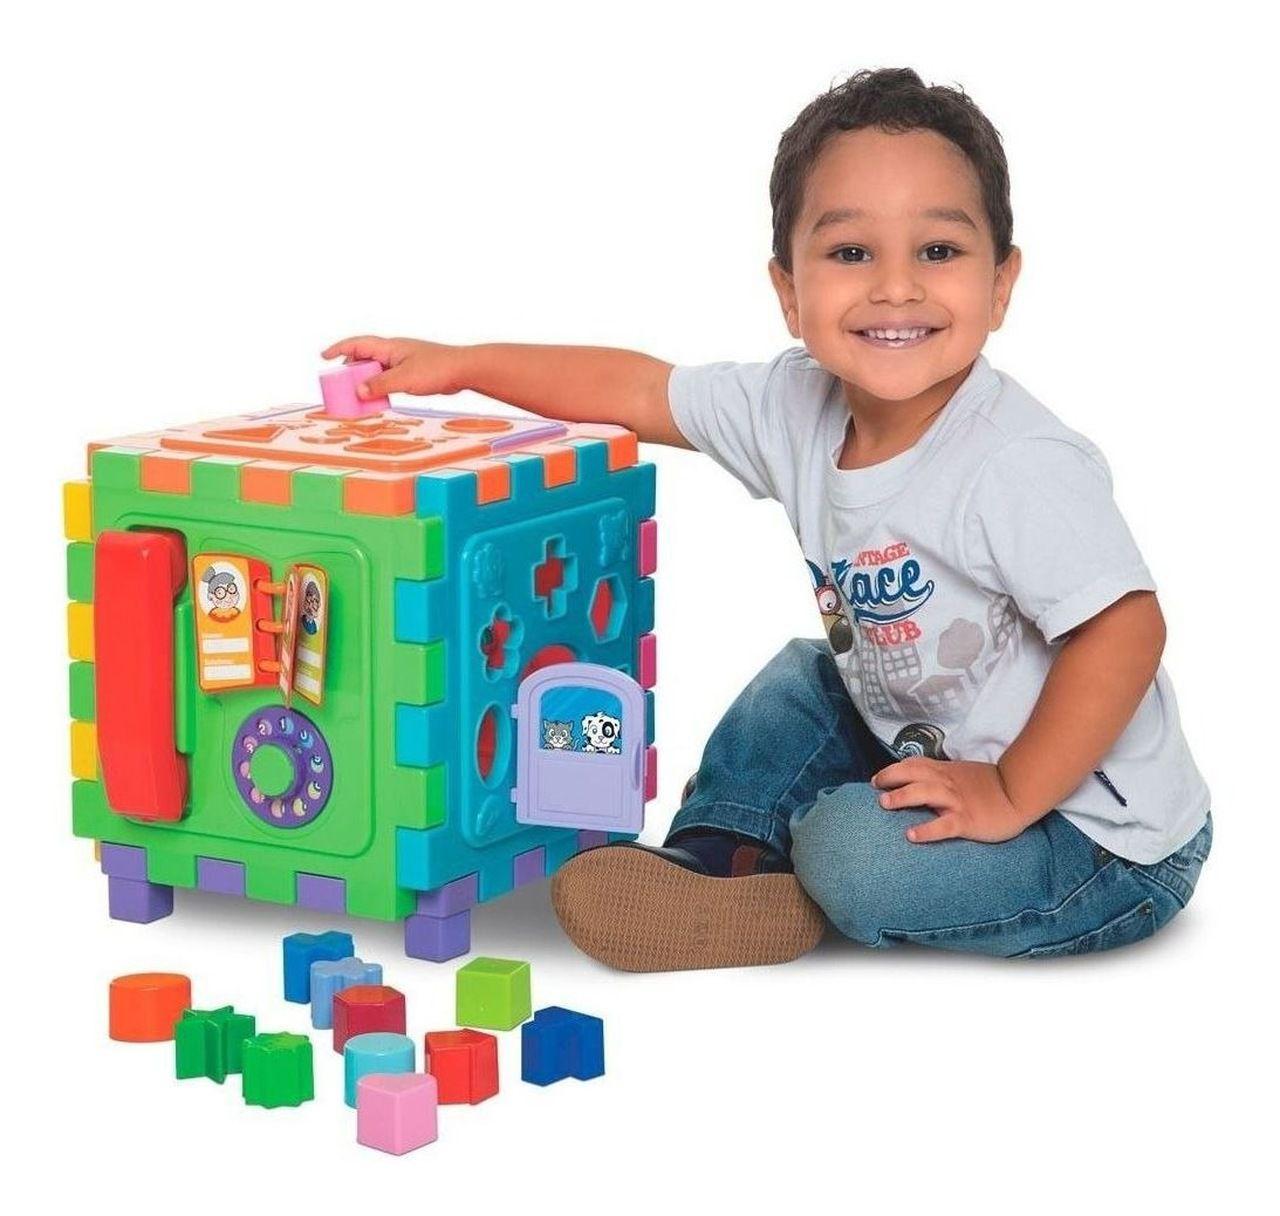 Brinquedo Educativo Cubo Didático Grande - Mercotoys 417